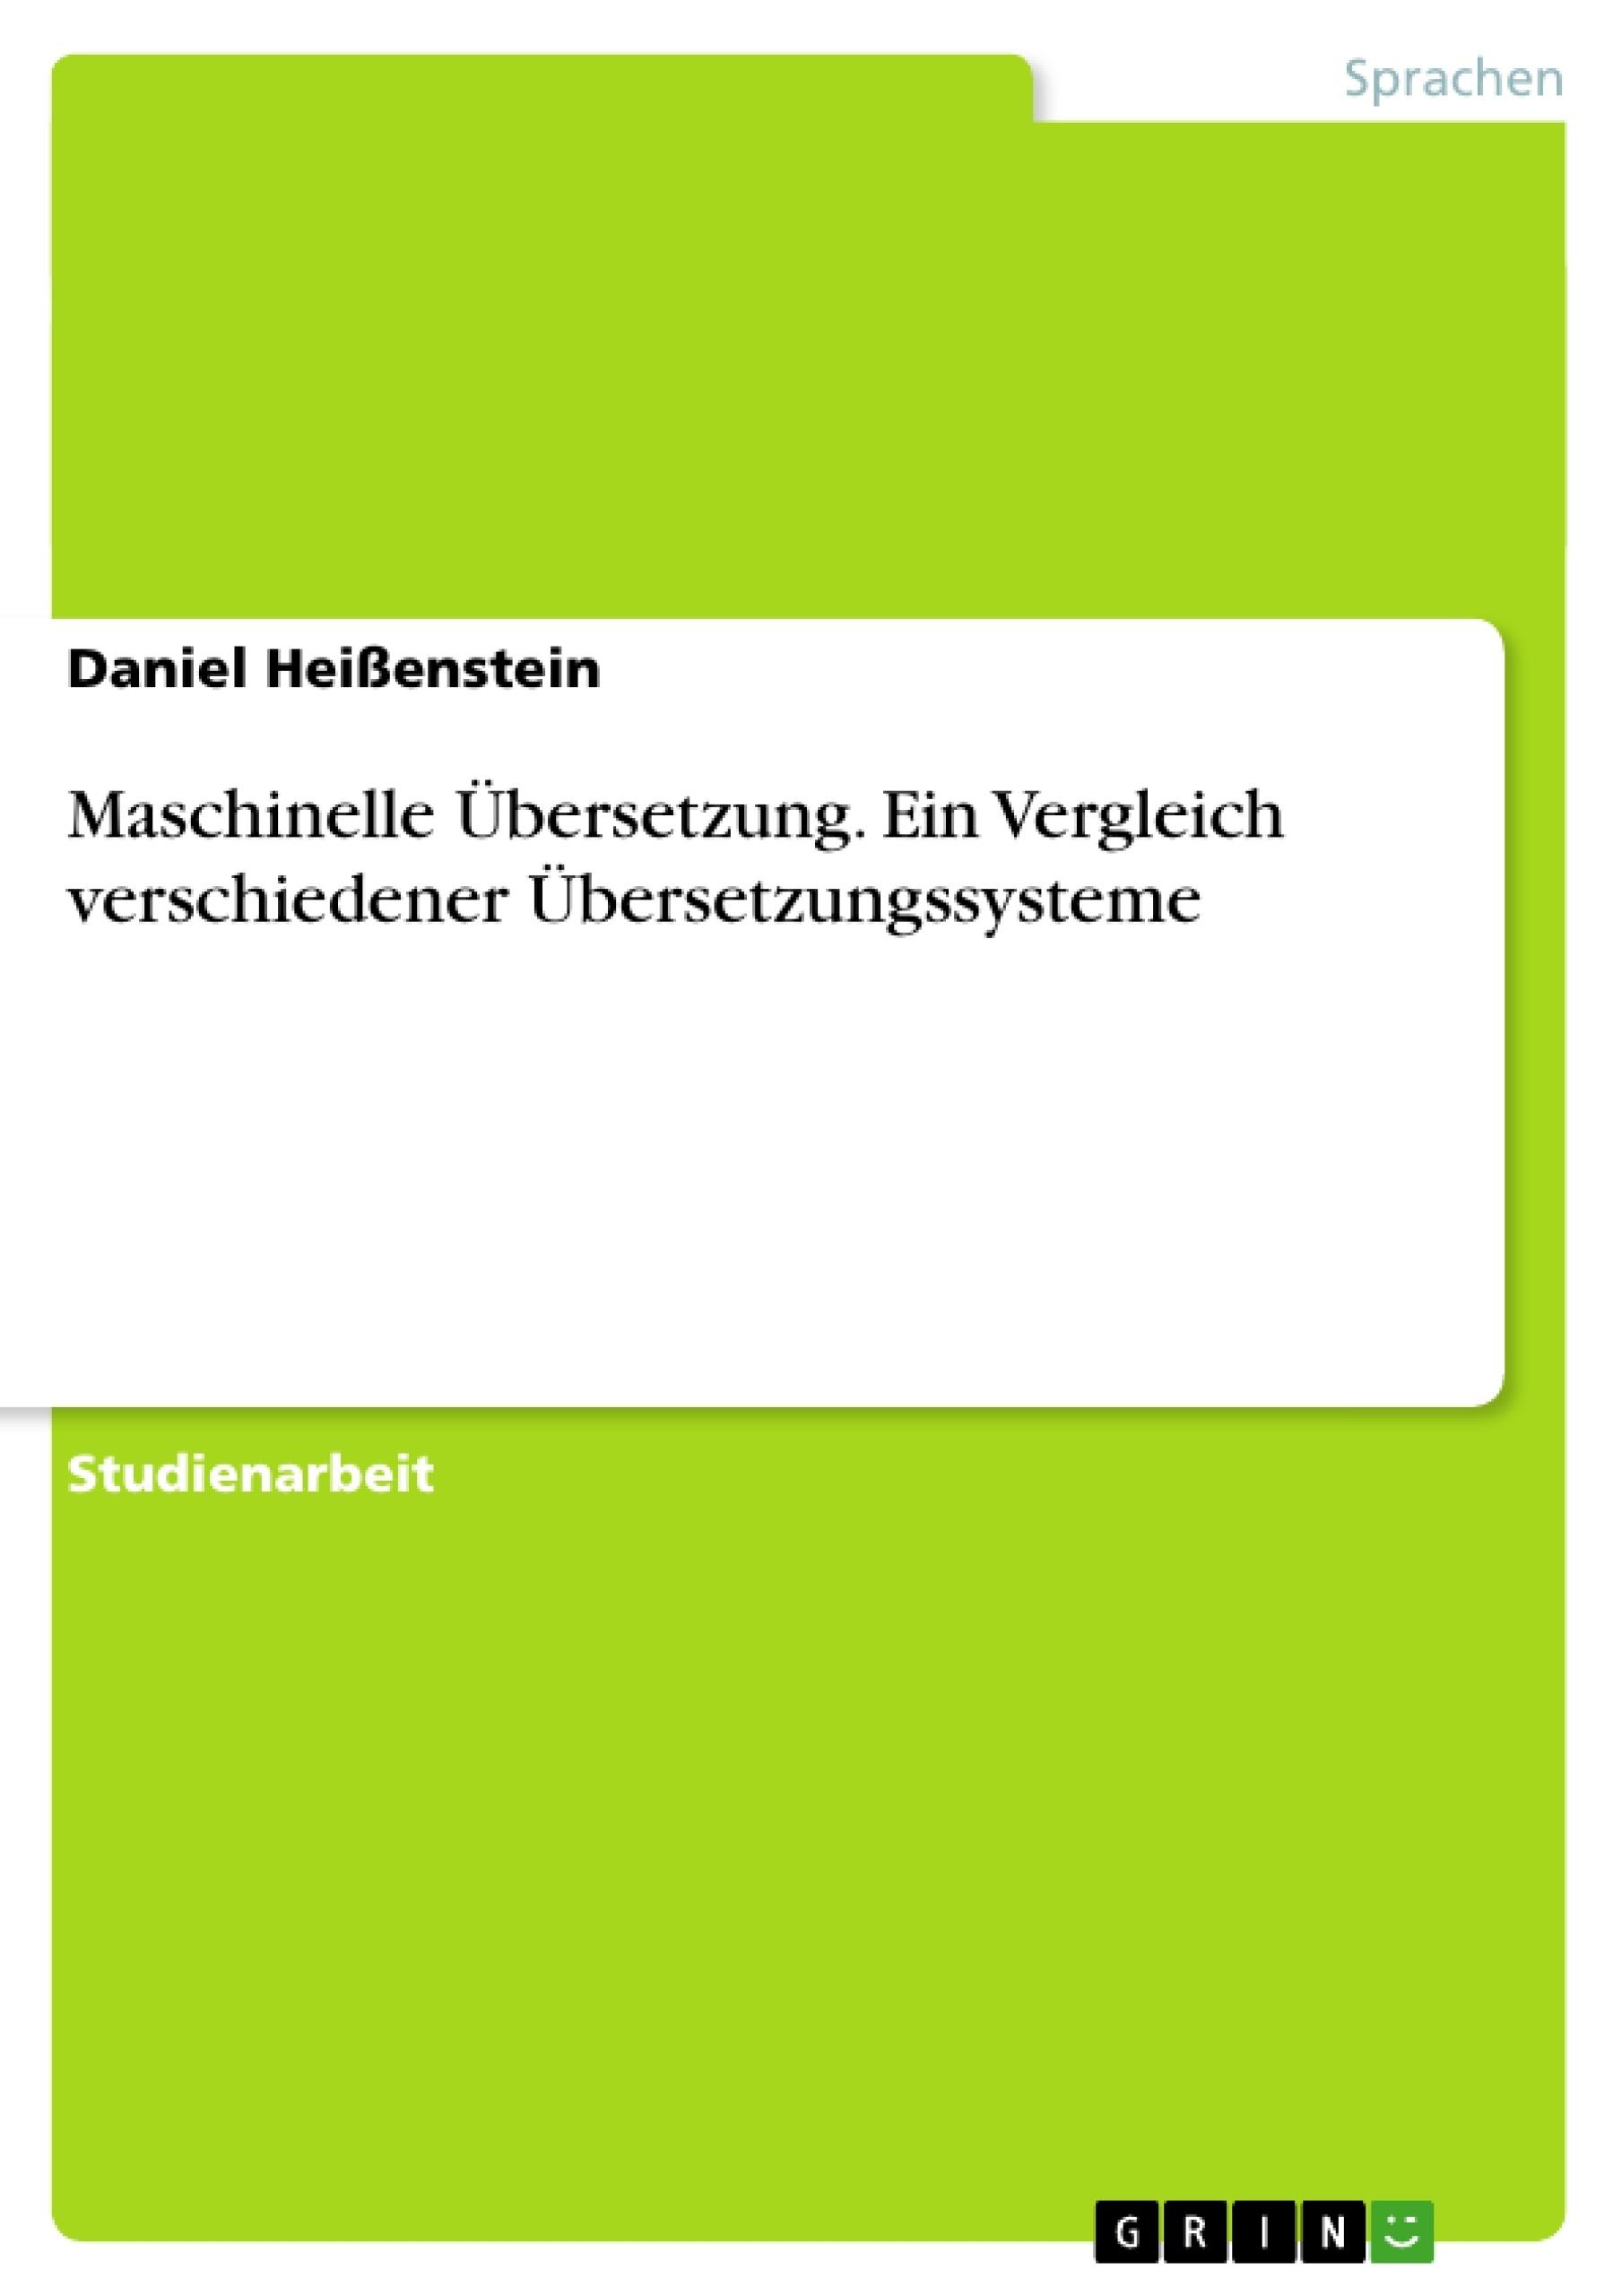 Titel: Maschinelle Übersetzung. Ein Vergleich verschiedener Übersetzungssysteme